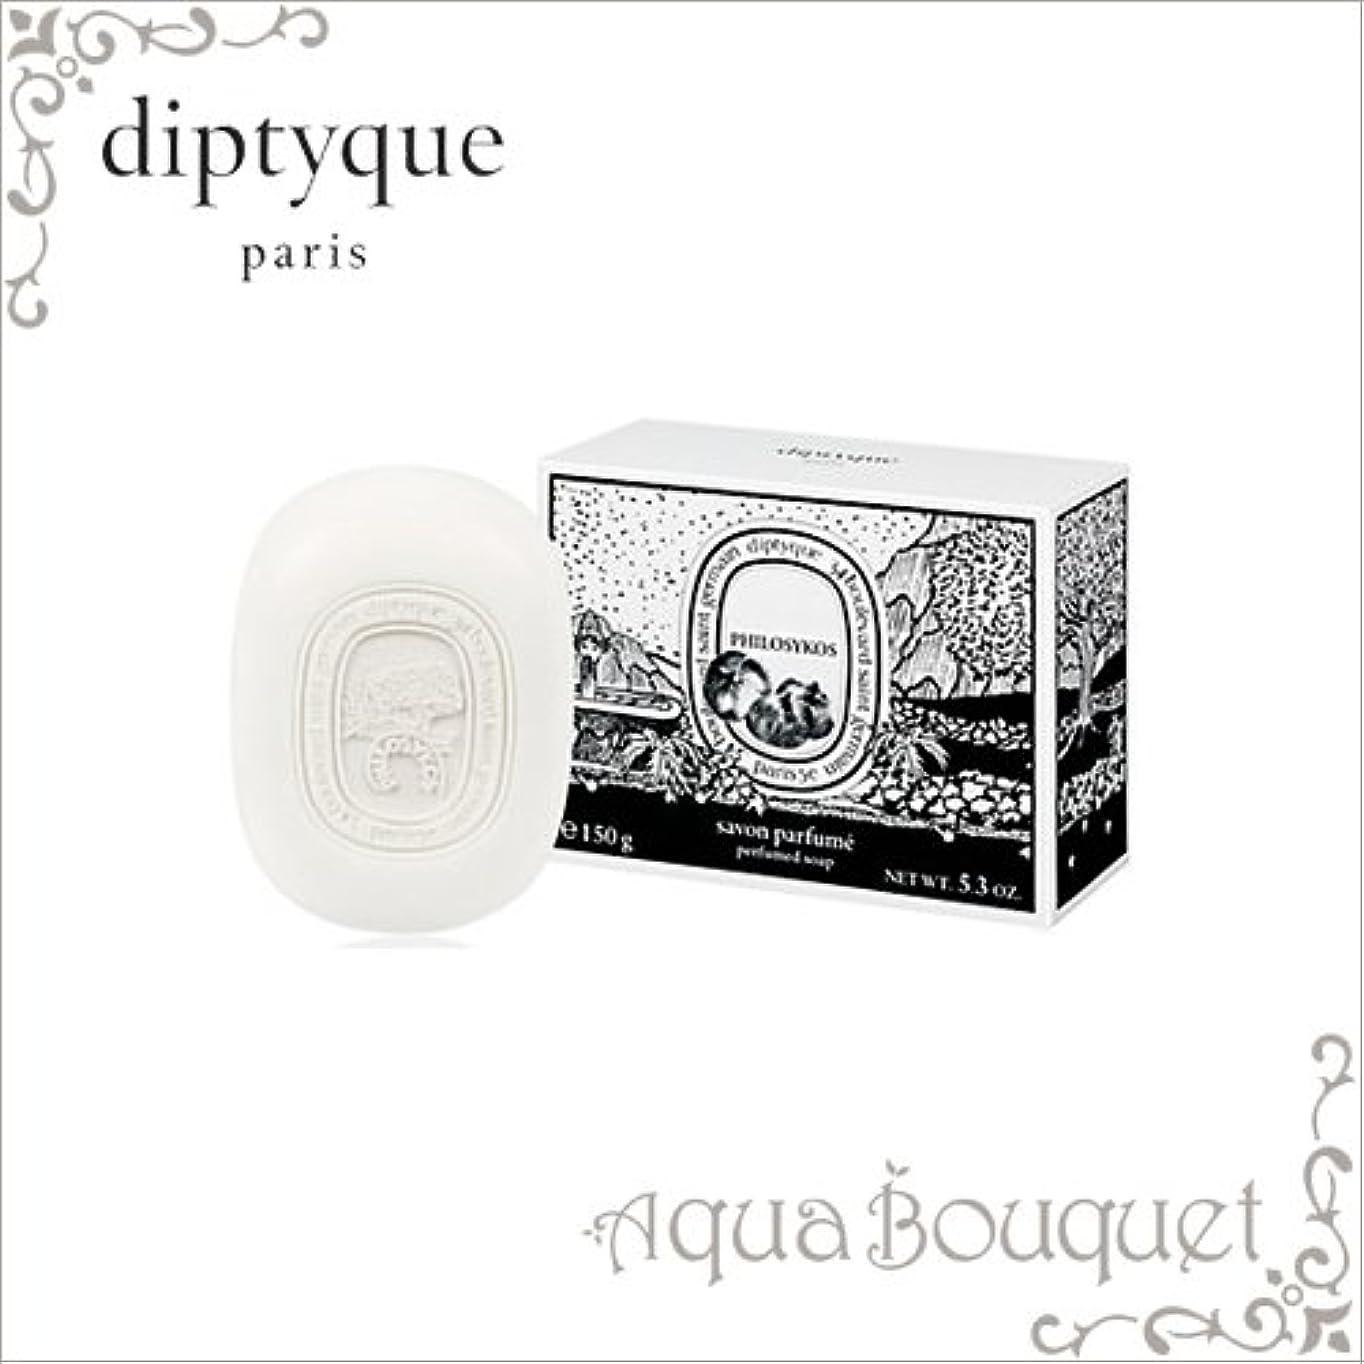 体系的に葉巻調和ディプティック フィロシコス ソープ 150g DIPTYQUE PHILOSYKOS SOAP